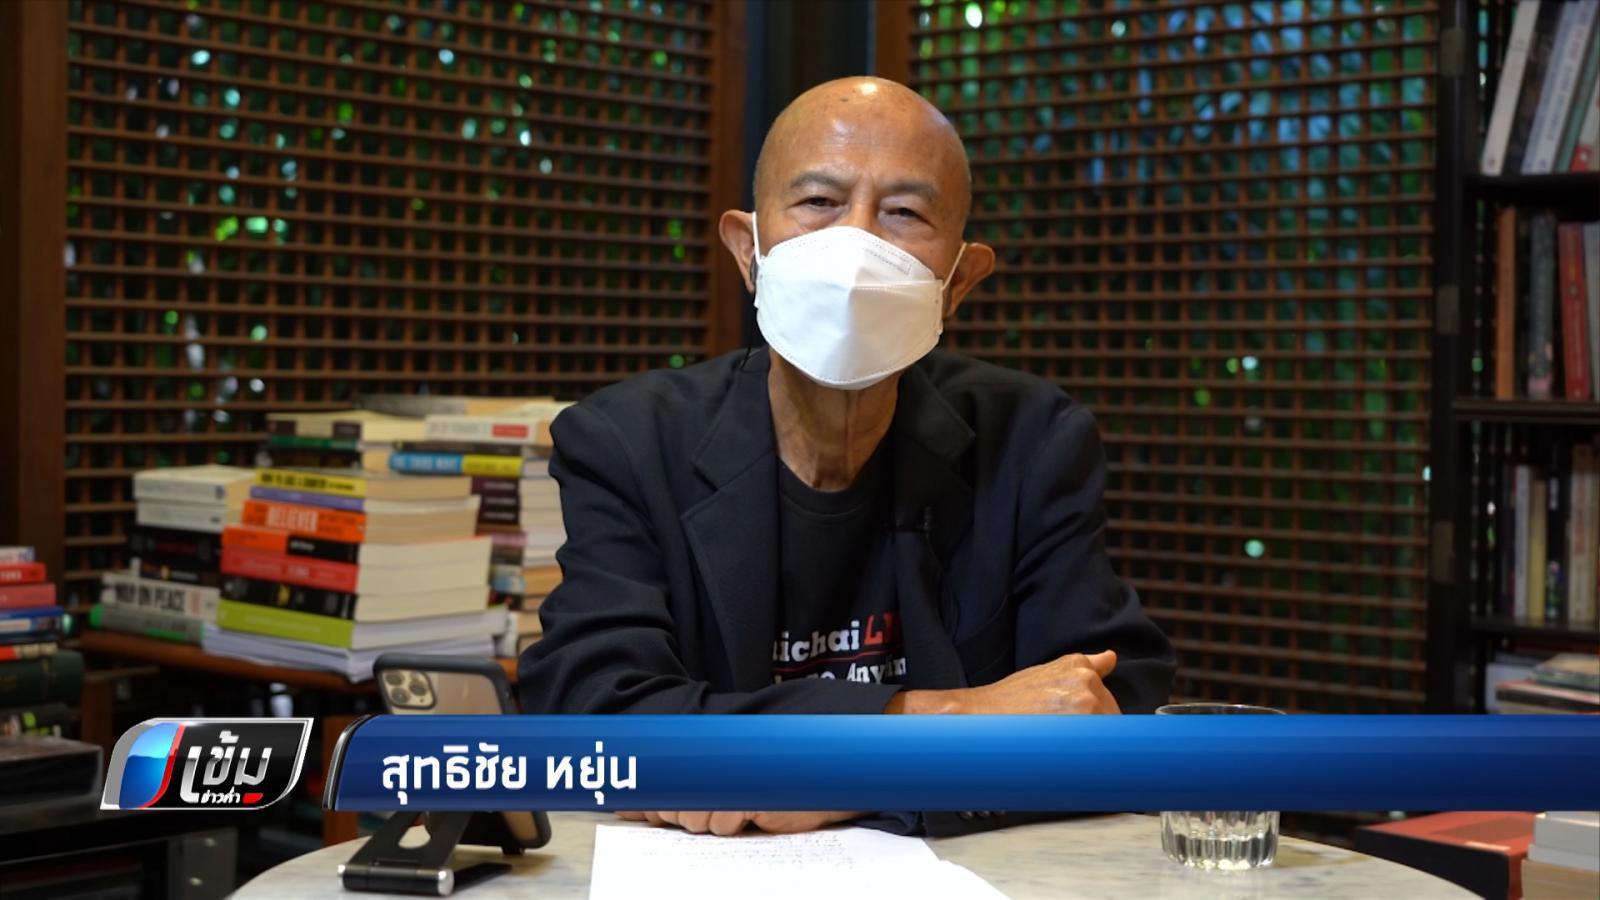 """สุทธิชัย หยุ่น : นายกฯไทยต้องต่อสายถึง """"ไบเดน - สี จิ้นผิง - ปูติน"""""""